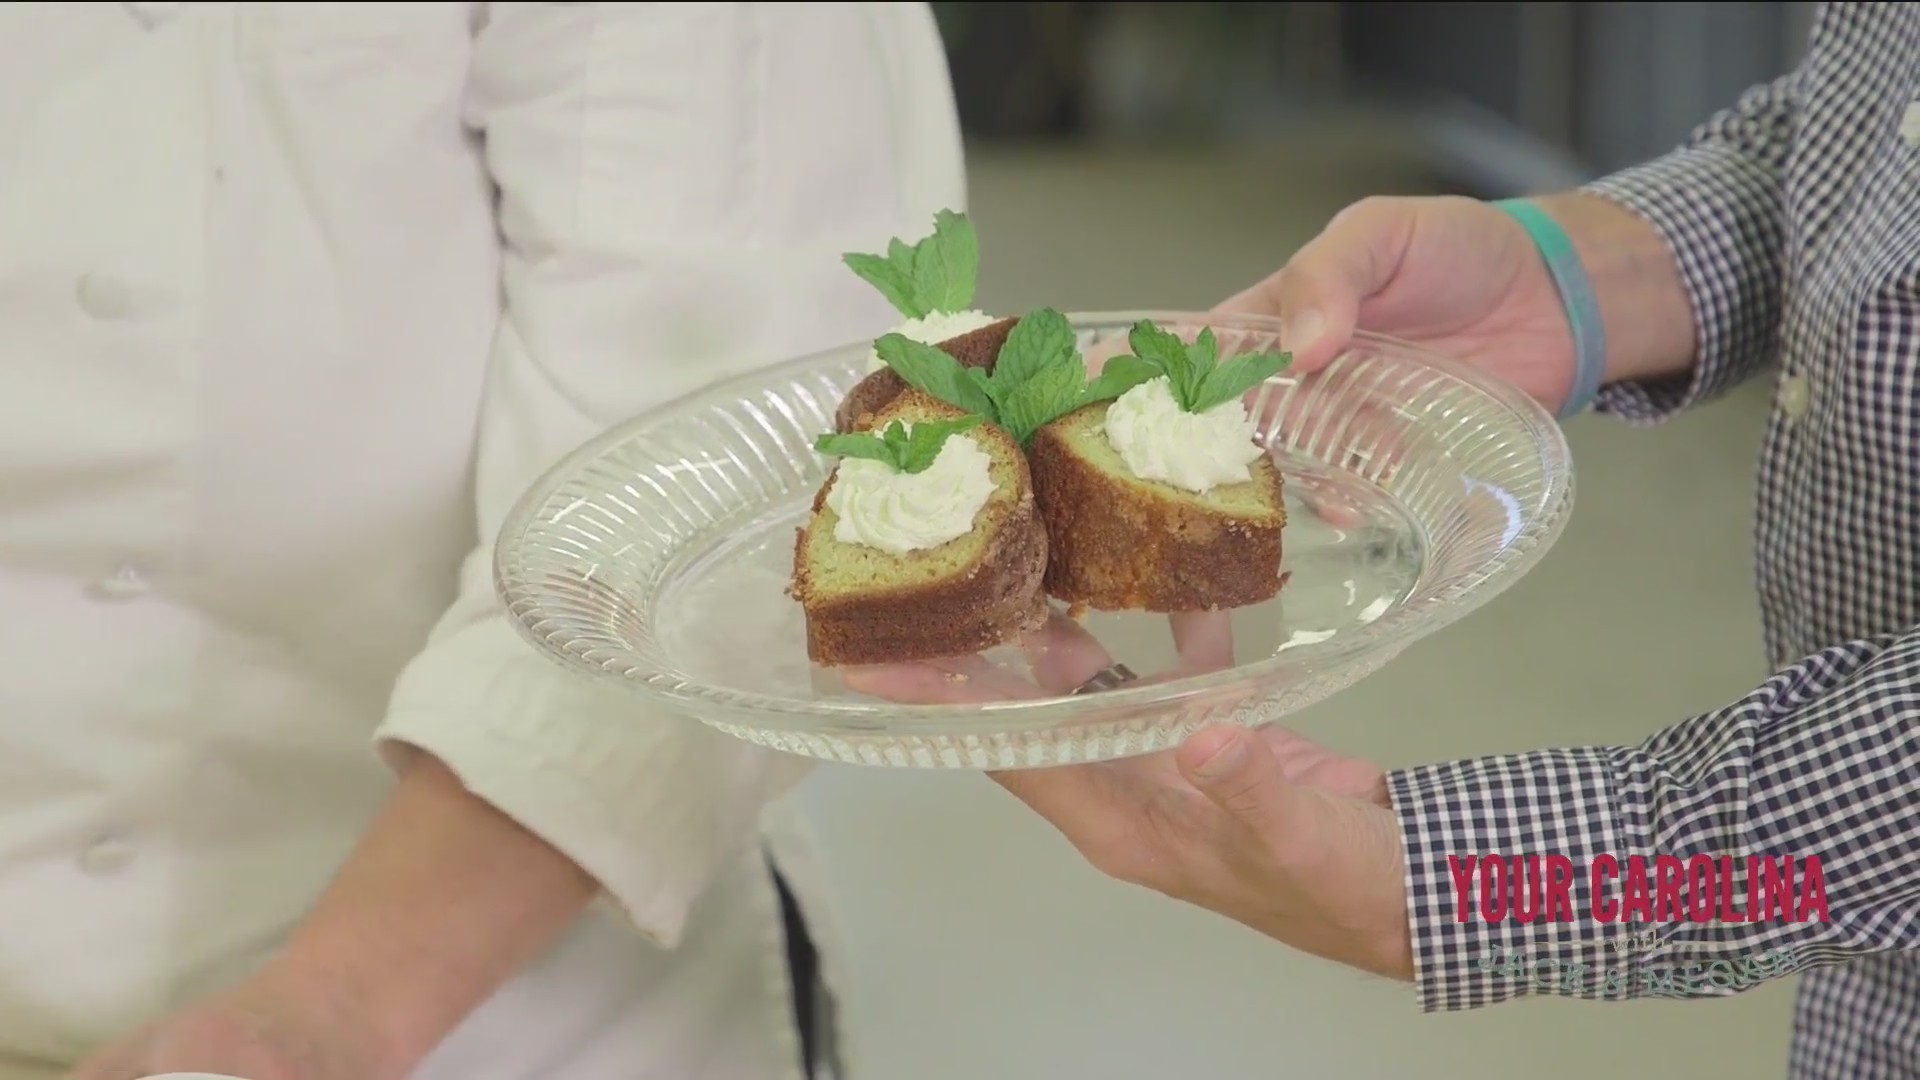 Chef's Kitchen - Sour Cream Coffee Cake